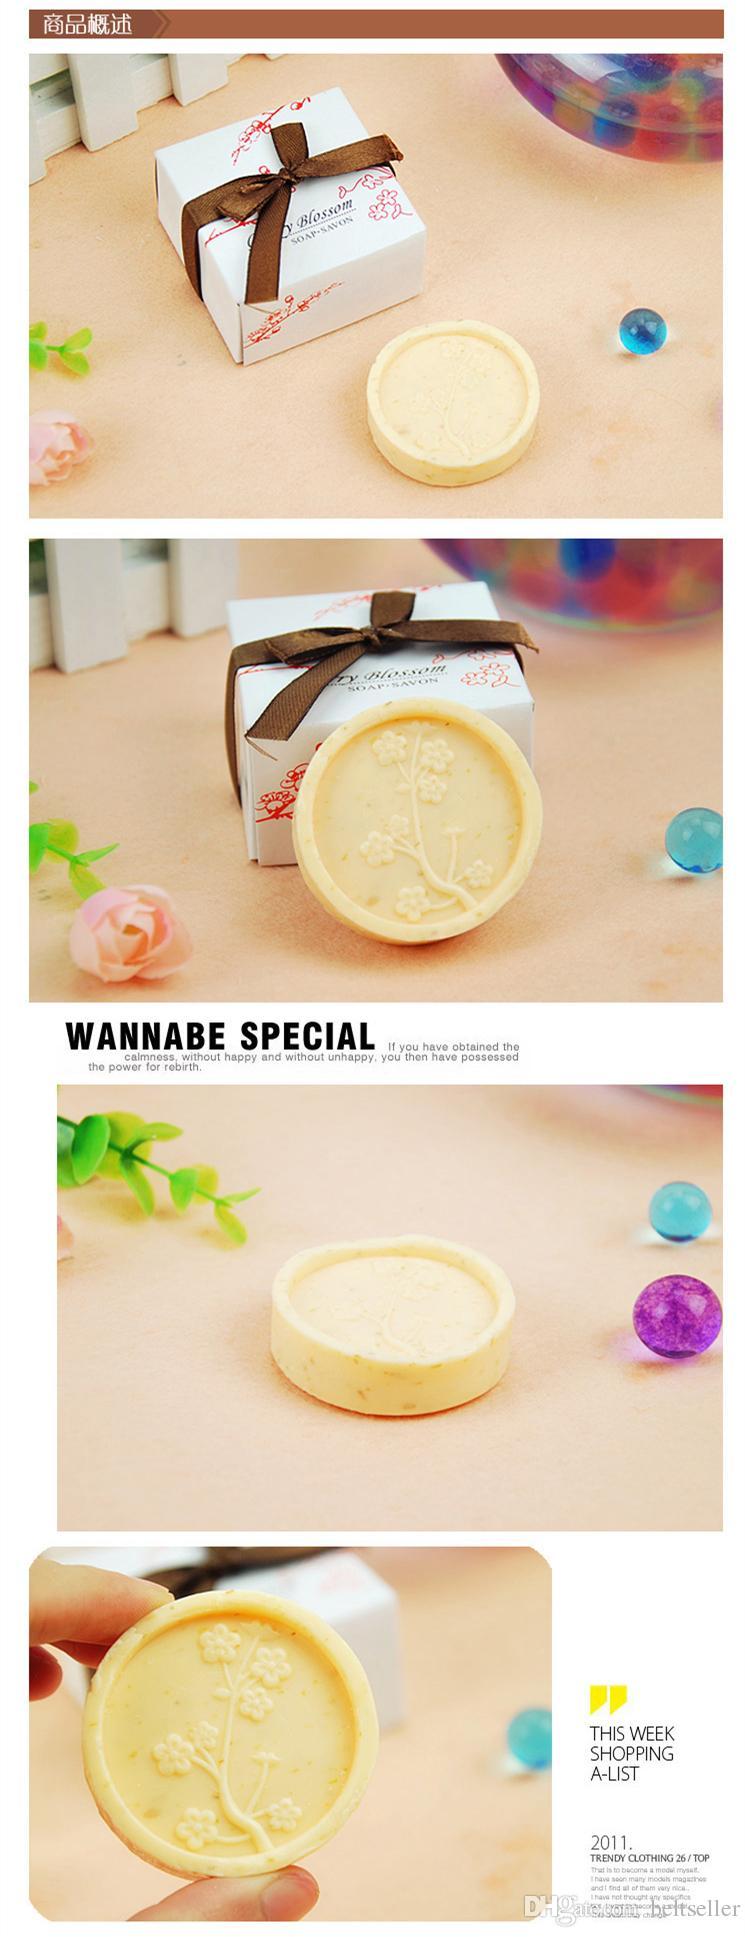 Avrupa tarzı kiraz çiçeği el yapımı sabun Sabun Craft Sabun Çiçek Düğün Iyilik Hediye ile hediye kutusu ücretsiz kargo